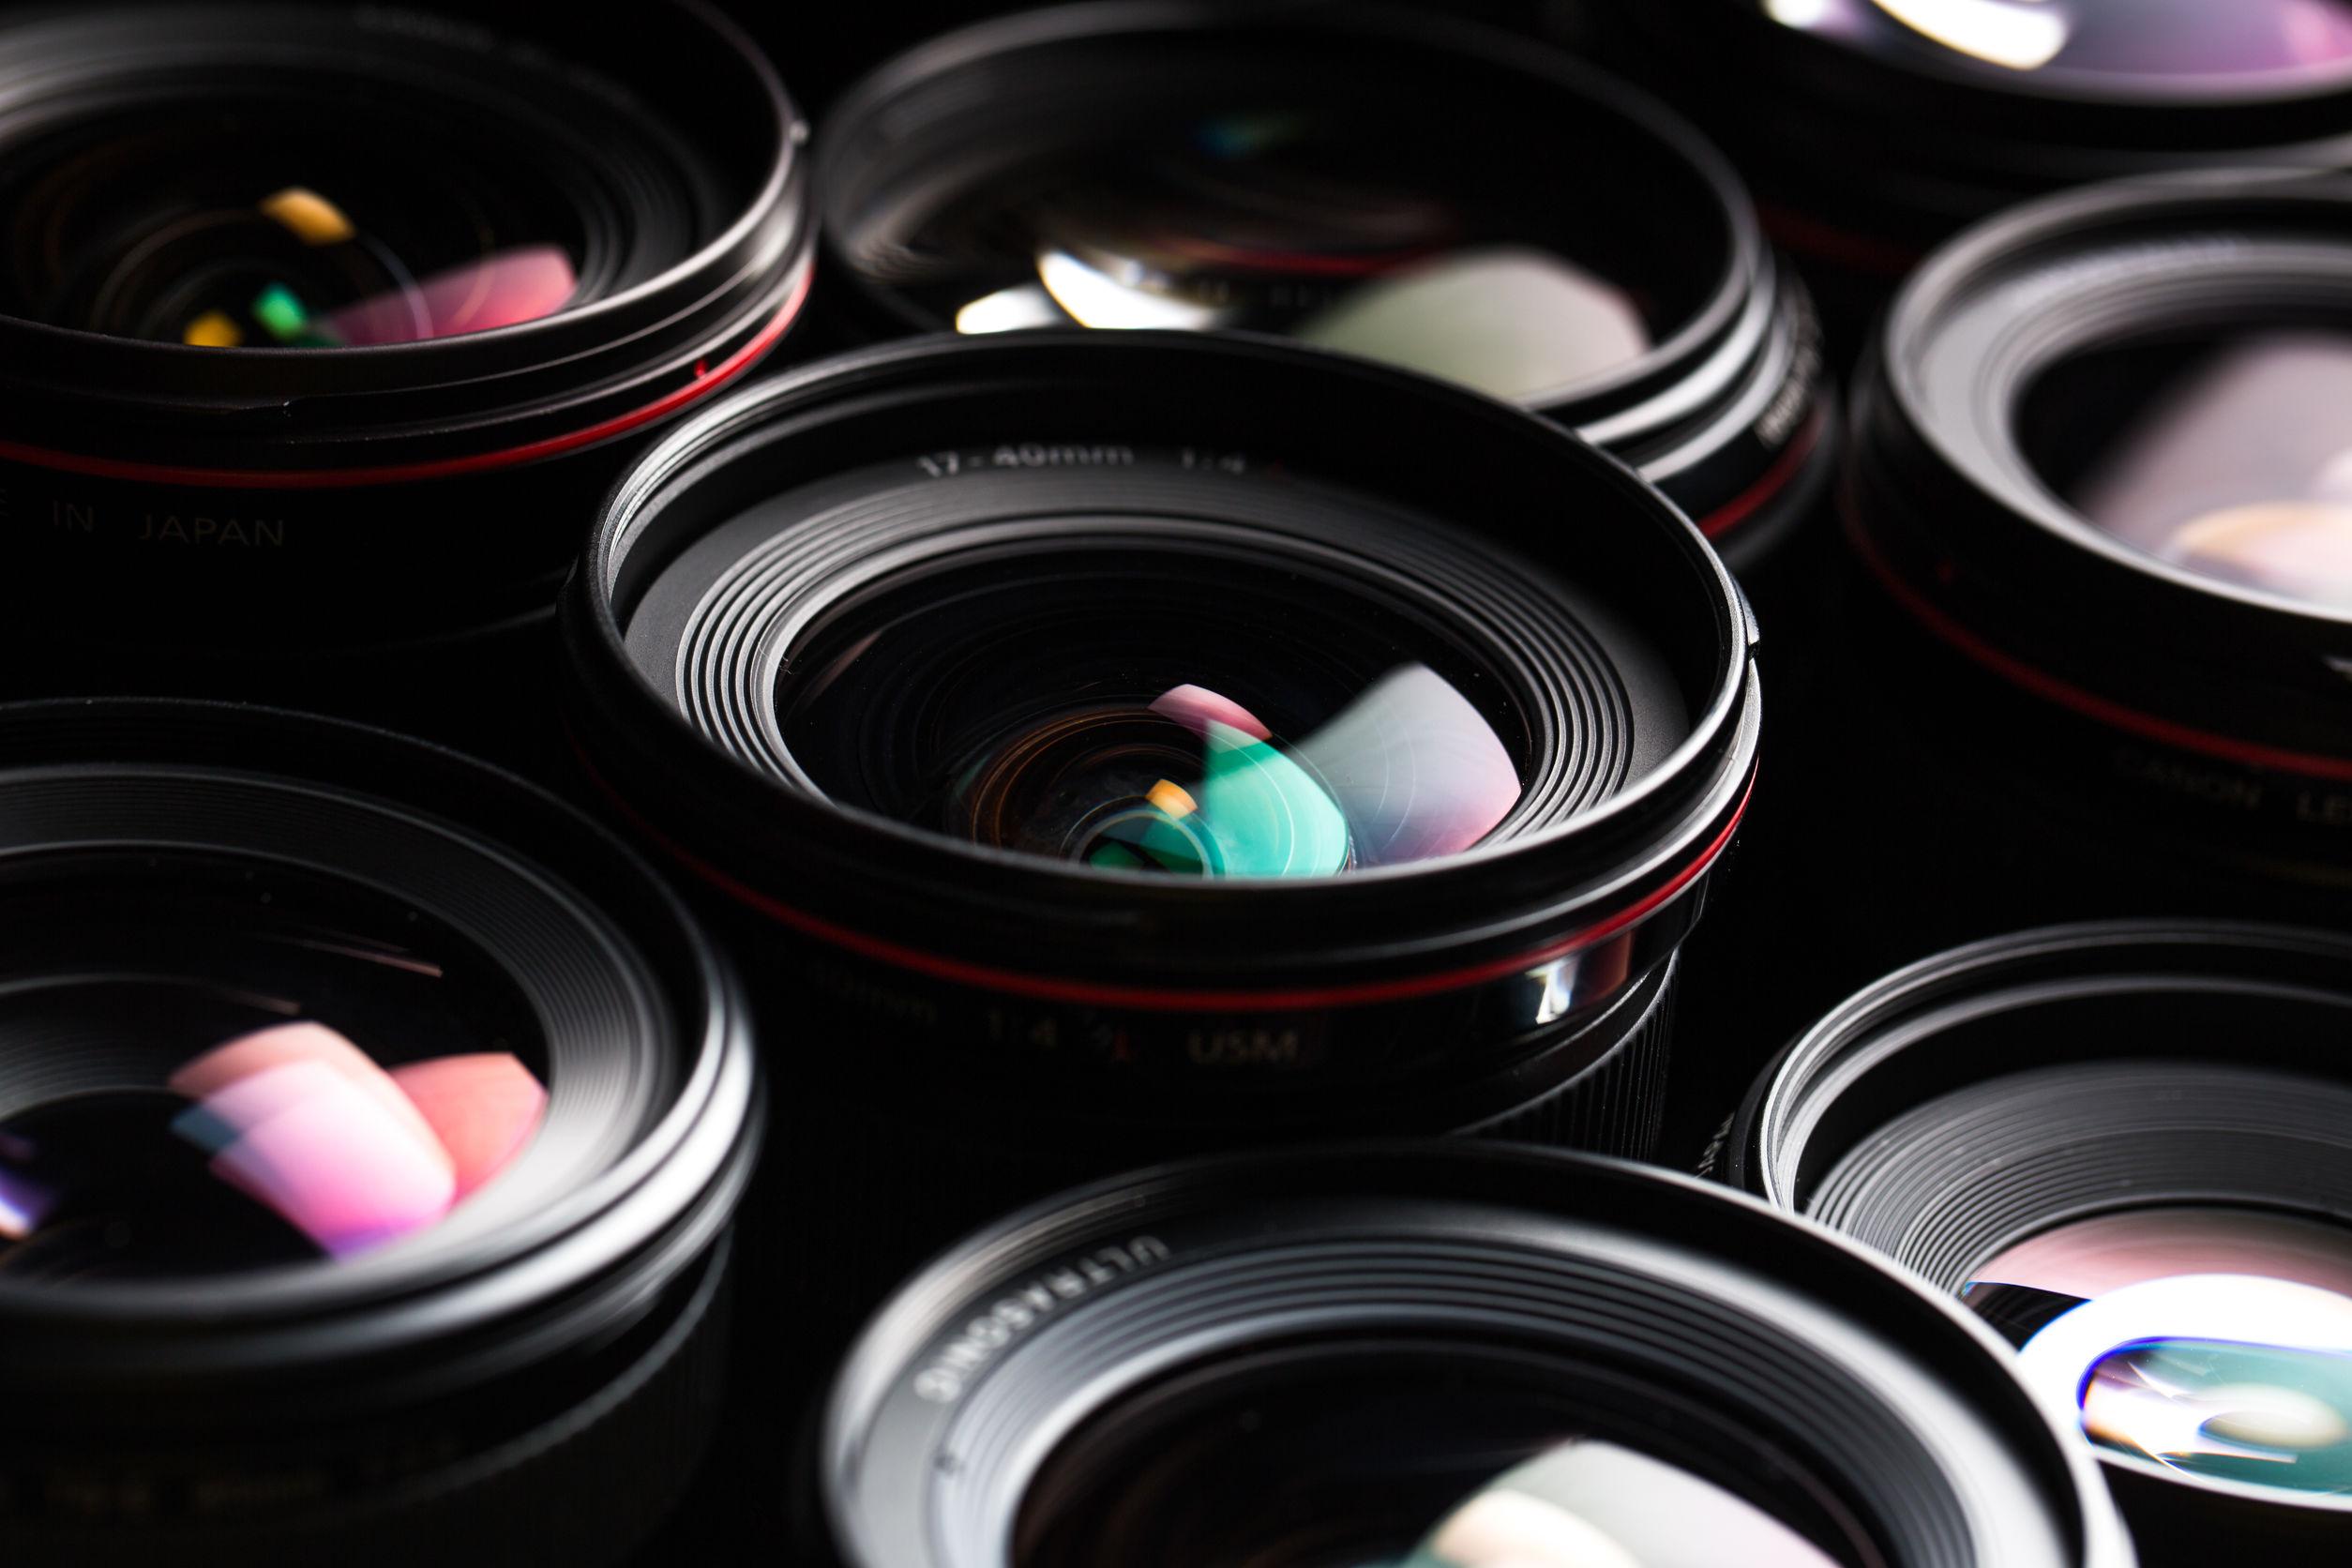 Nikon lens: Wat zijn de beste Nikon lenzen van 2020?